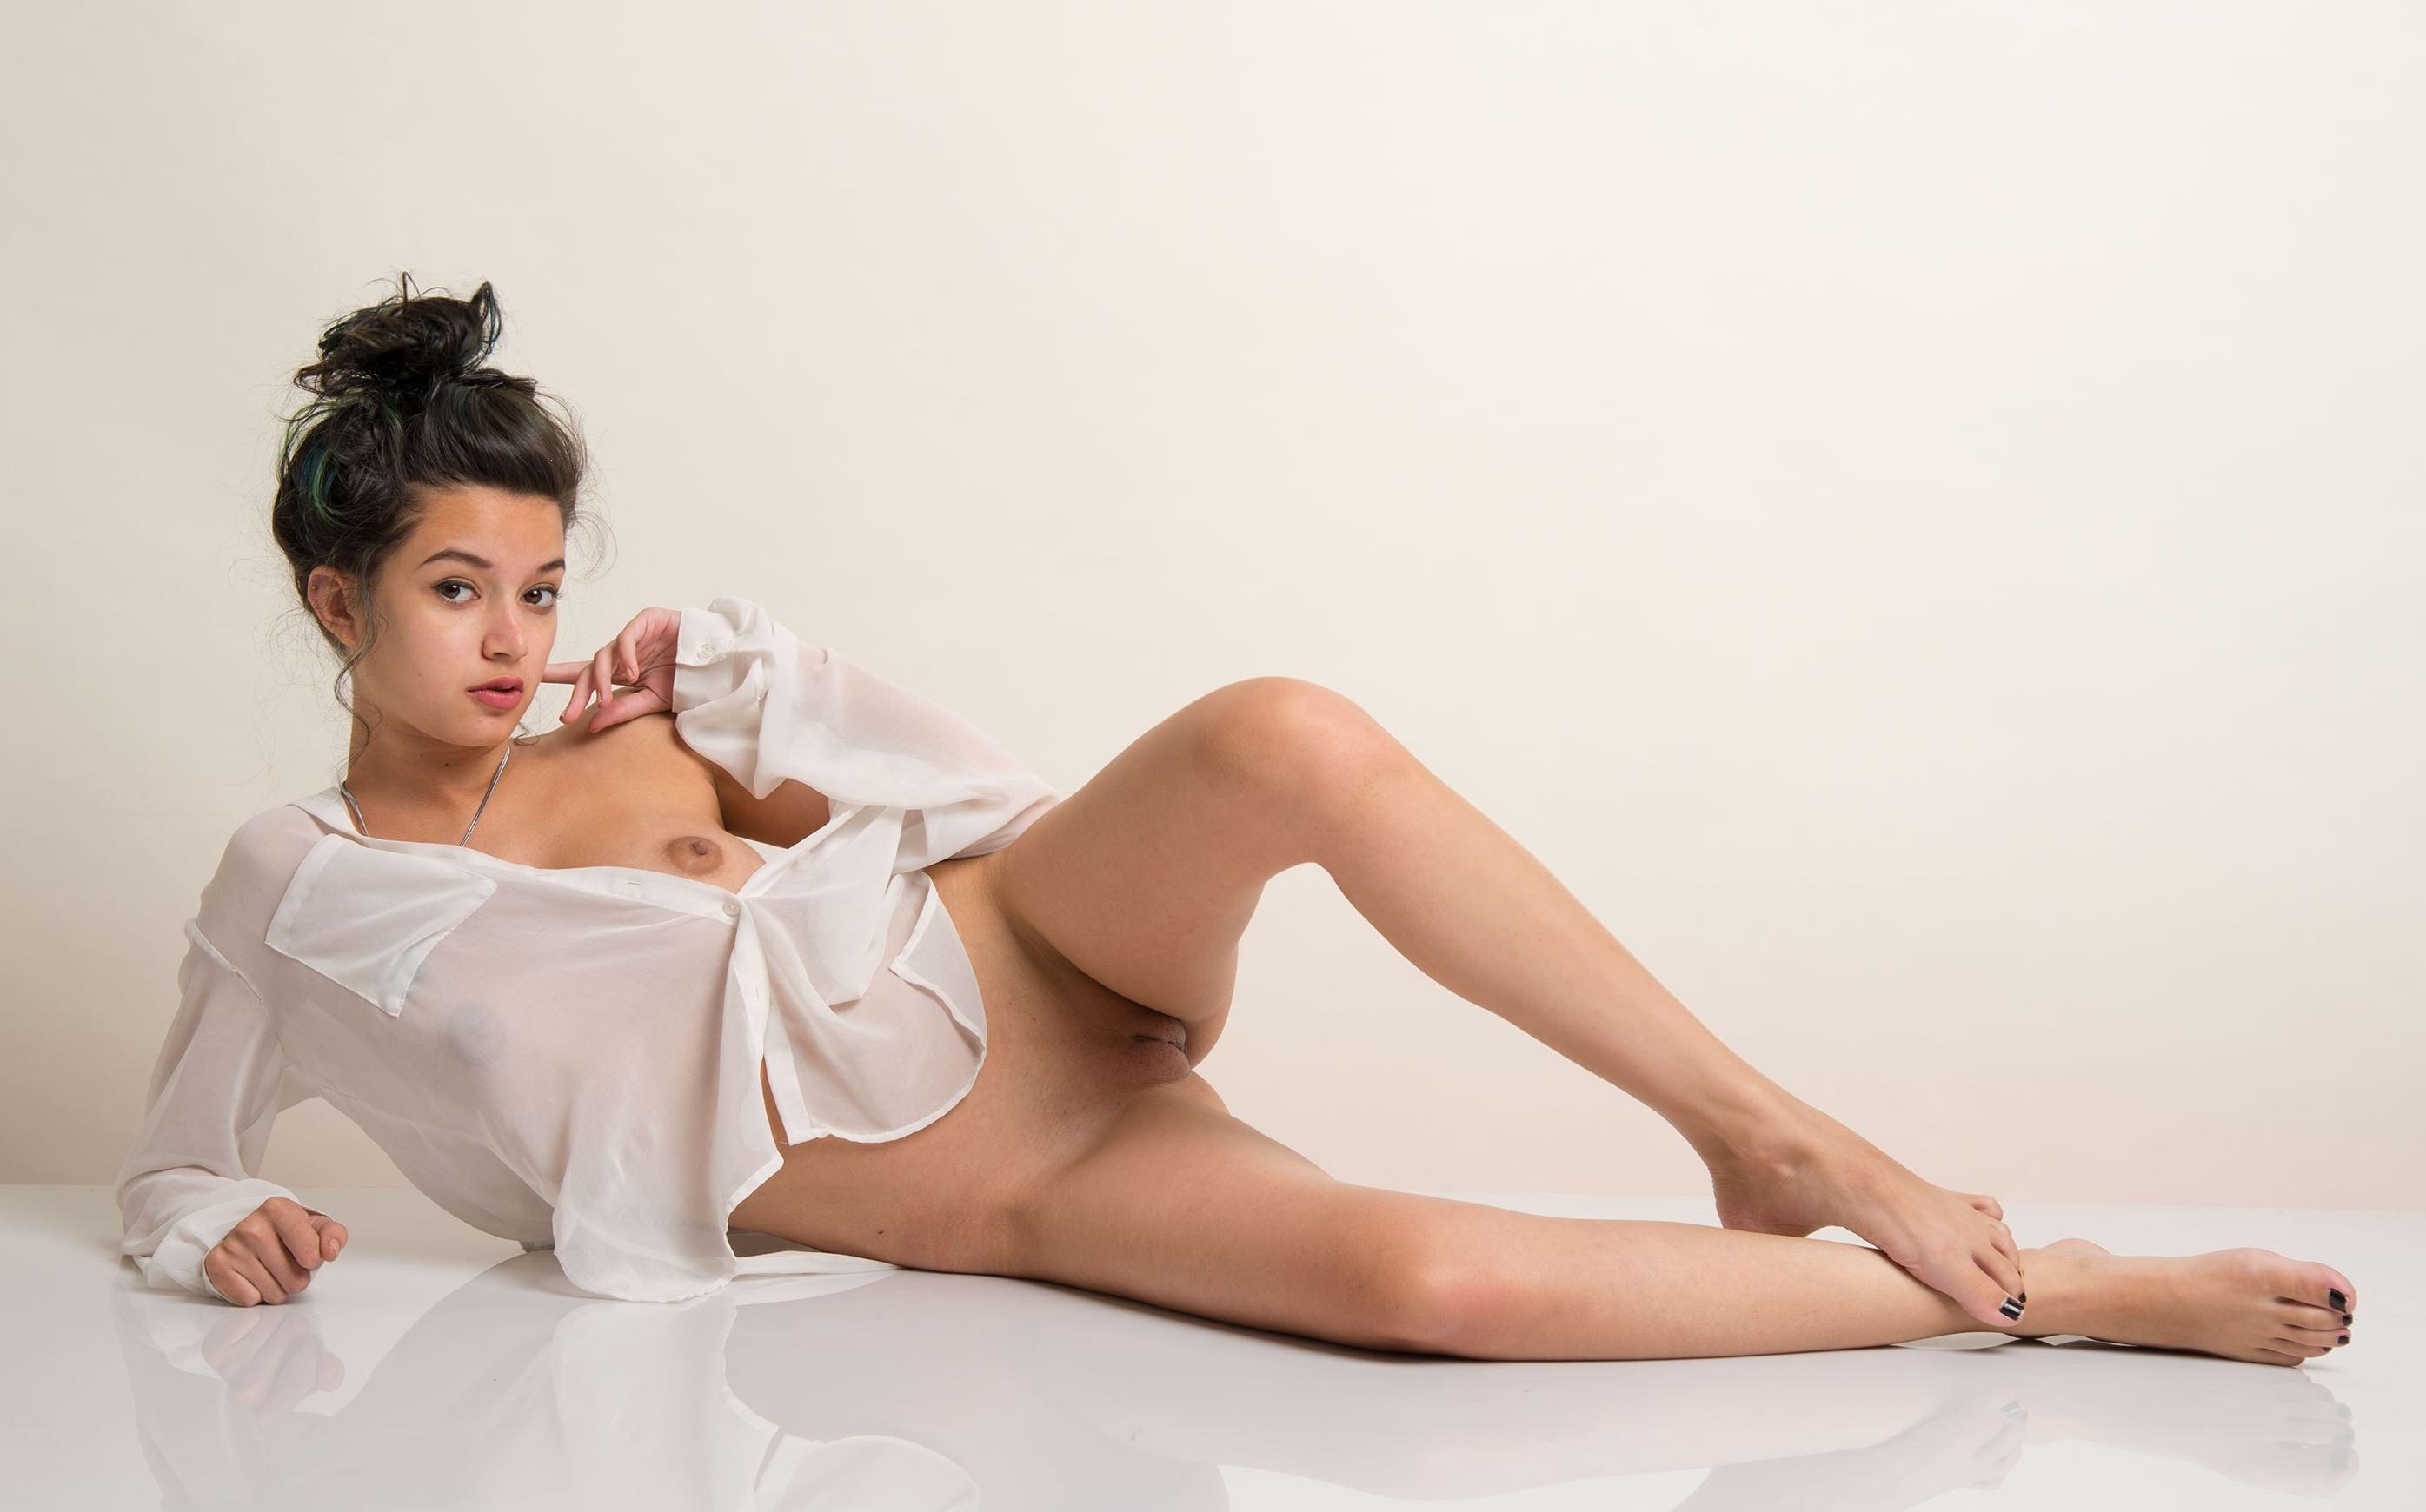 Фото Соблазнительная девчонка в белой рубахе, нежные ножки, голая пися, пол, скачать картинку бесплатно